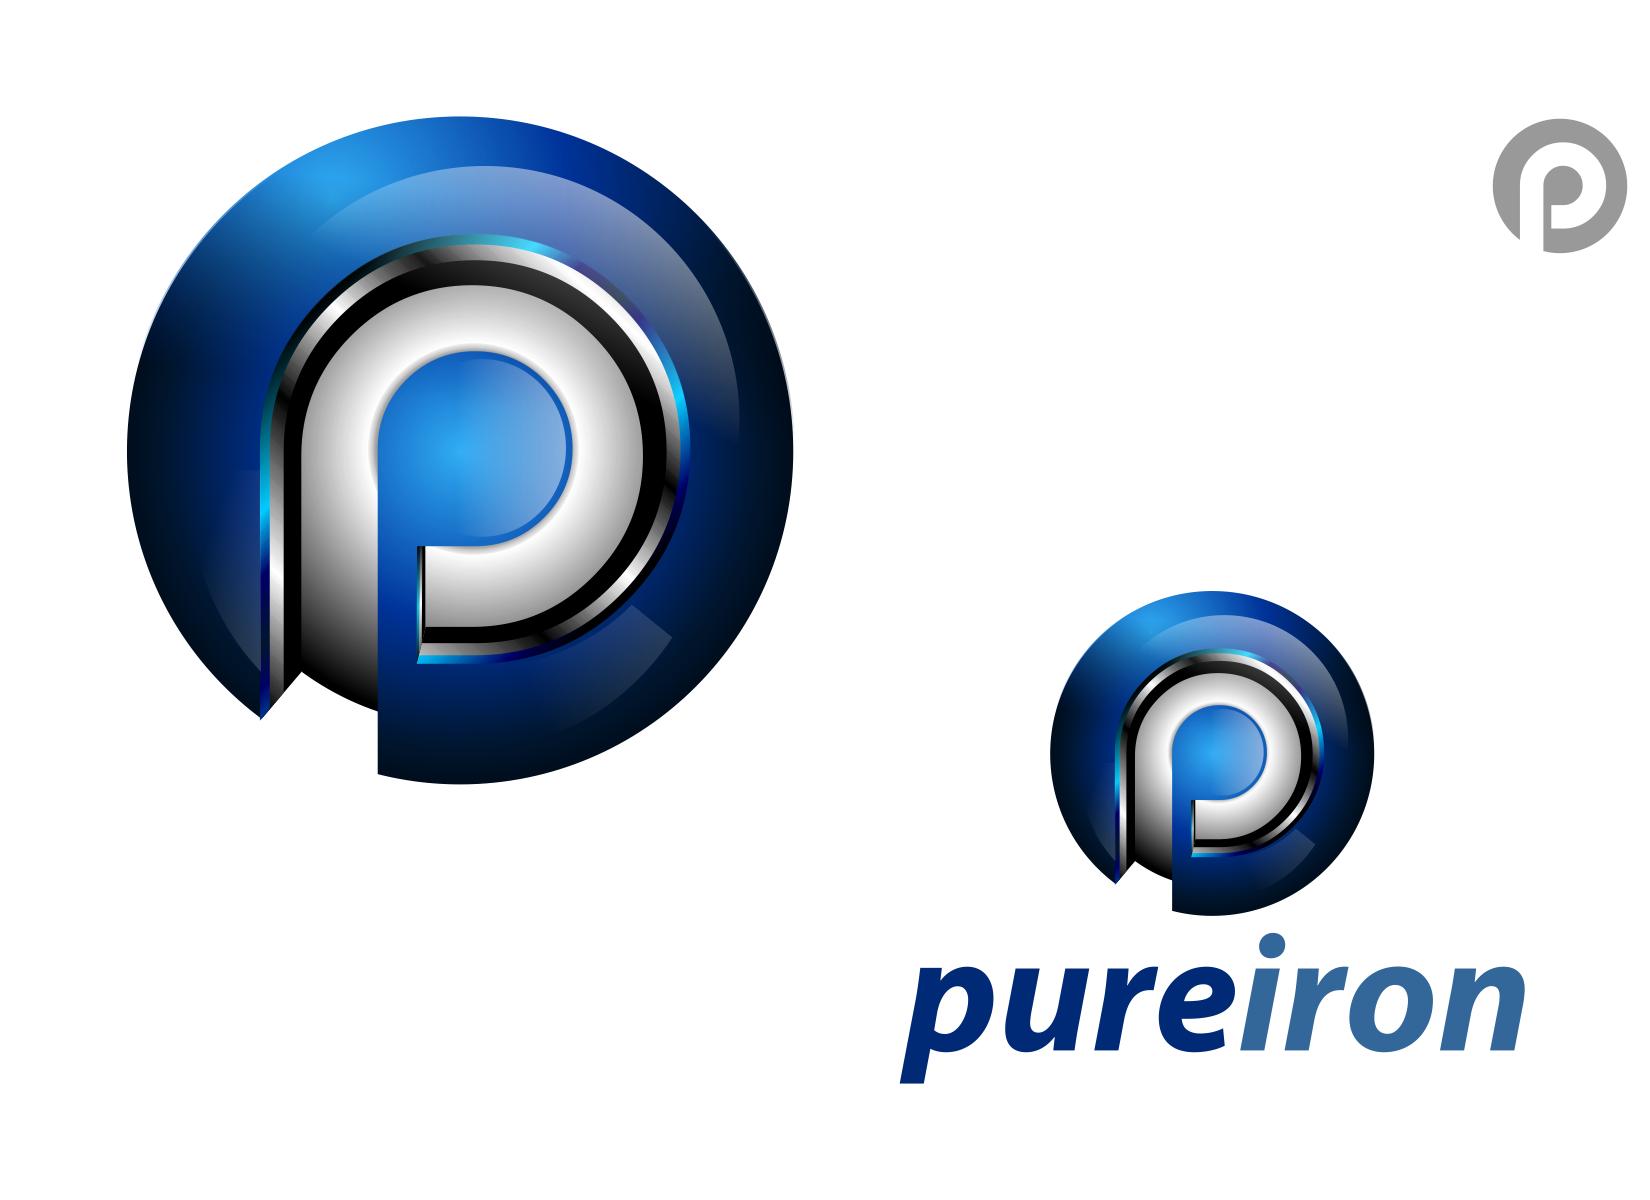 Logo Design by Spayer - Entry No. 197 in the Logo Design Contest Fun Logo Design for Pure Iron.